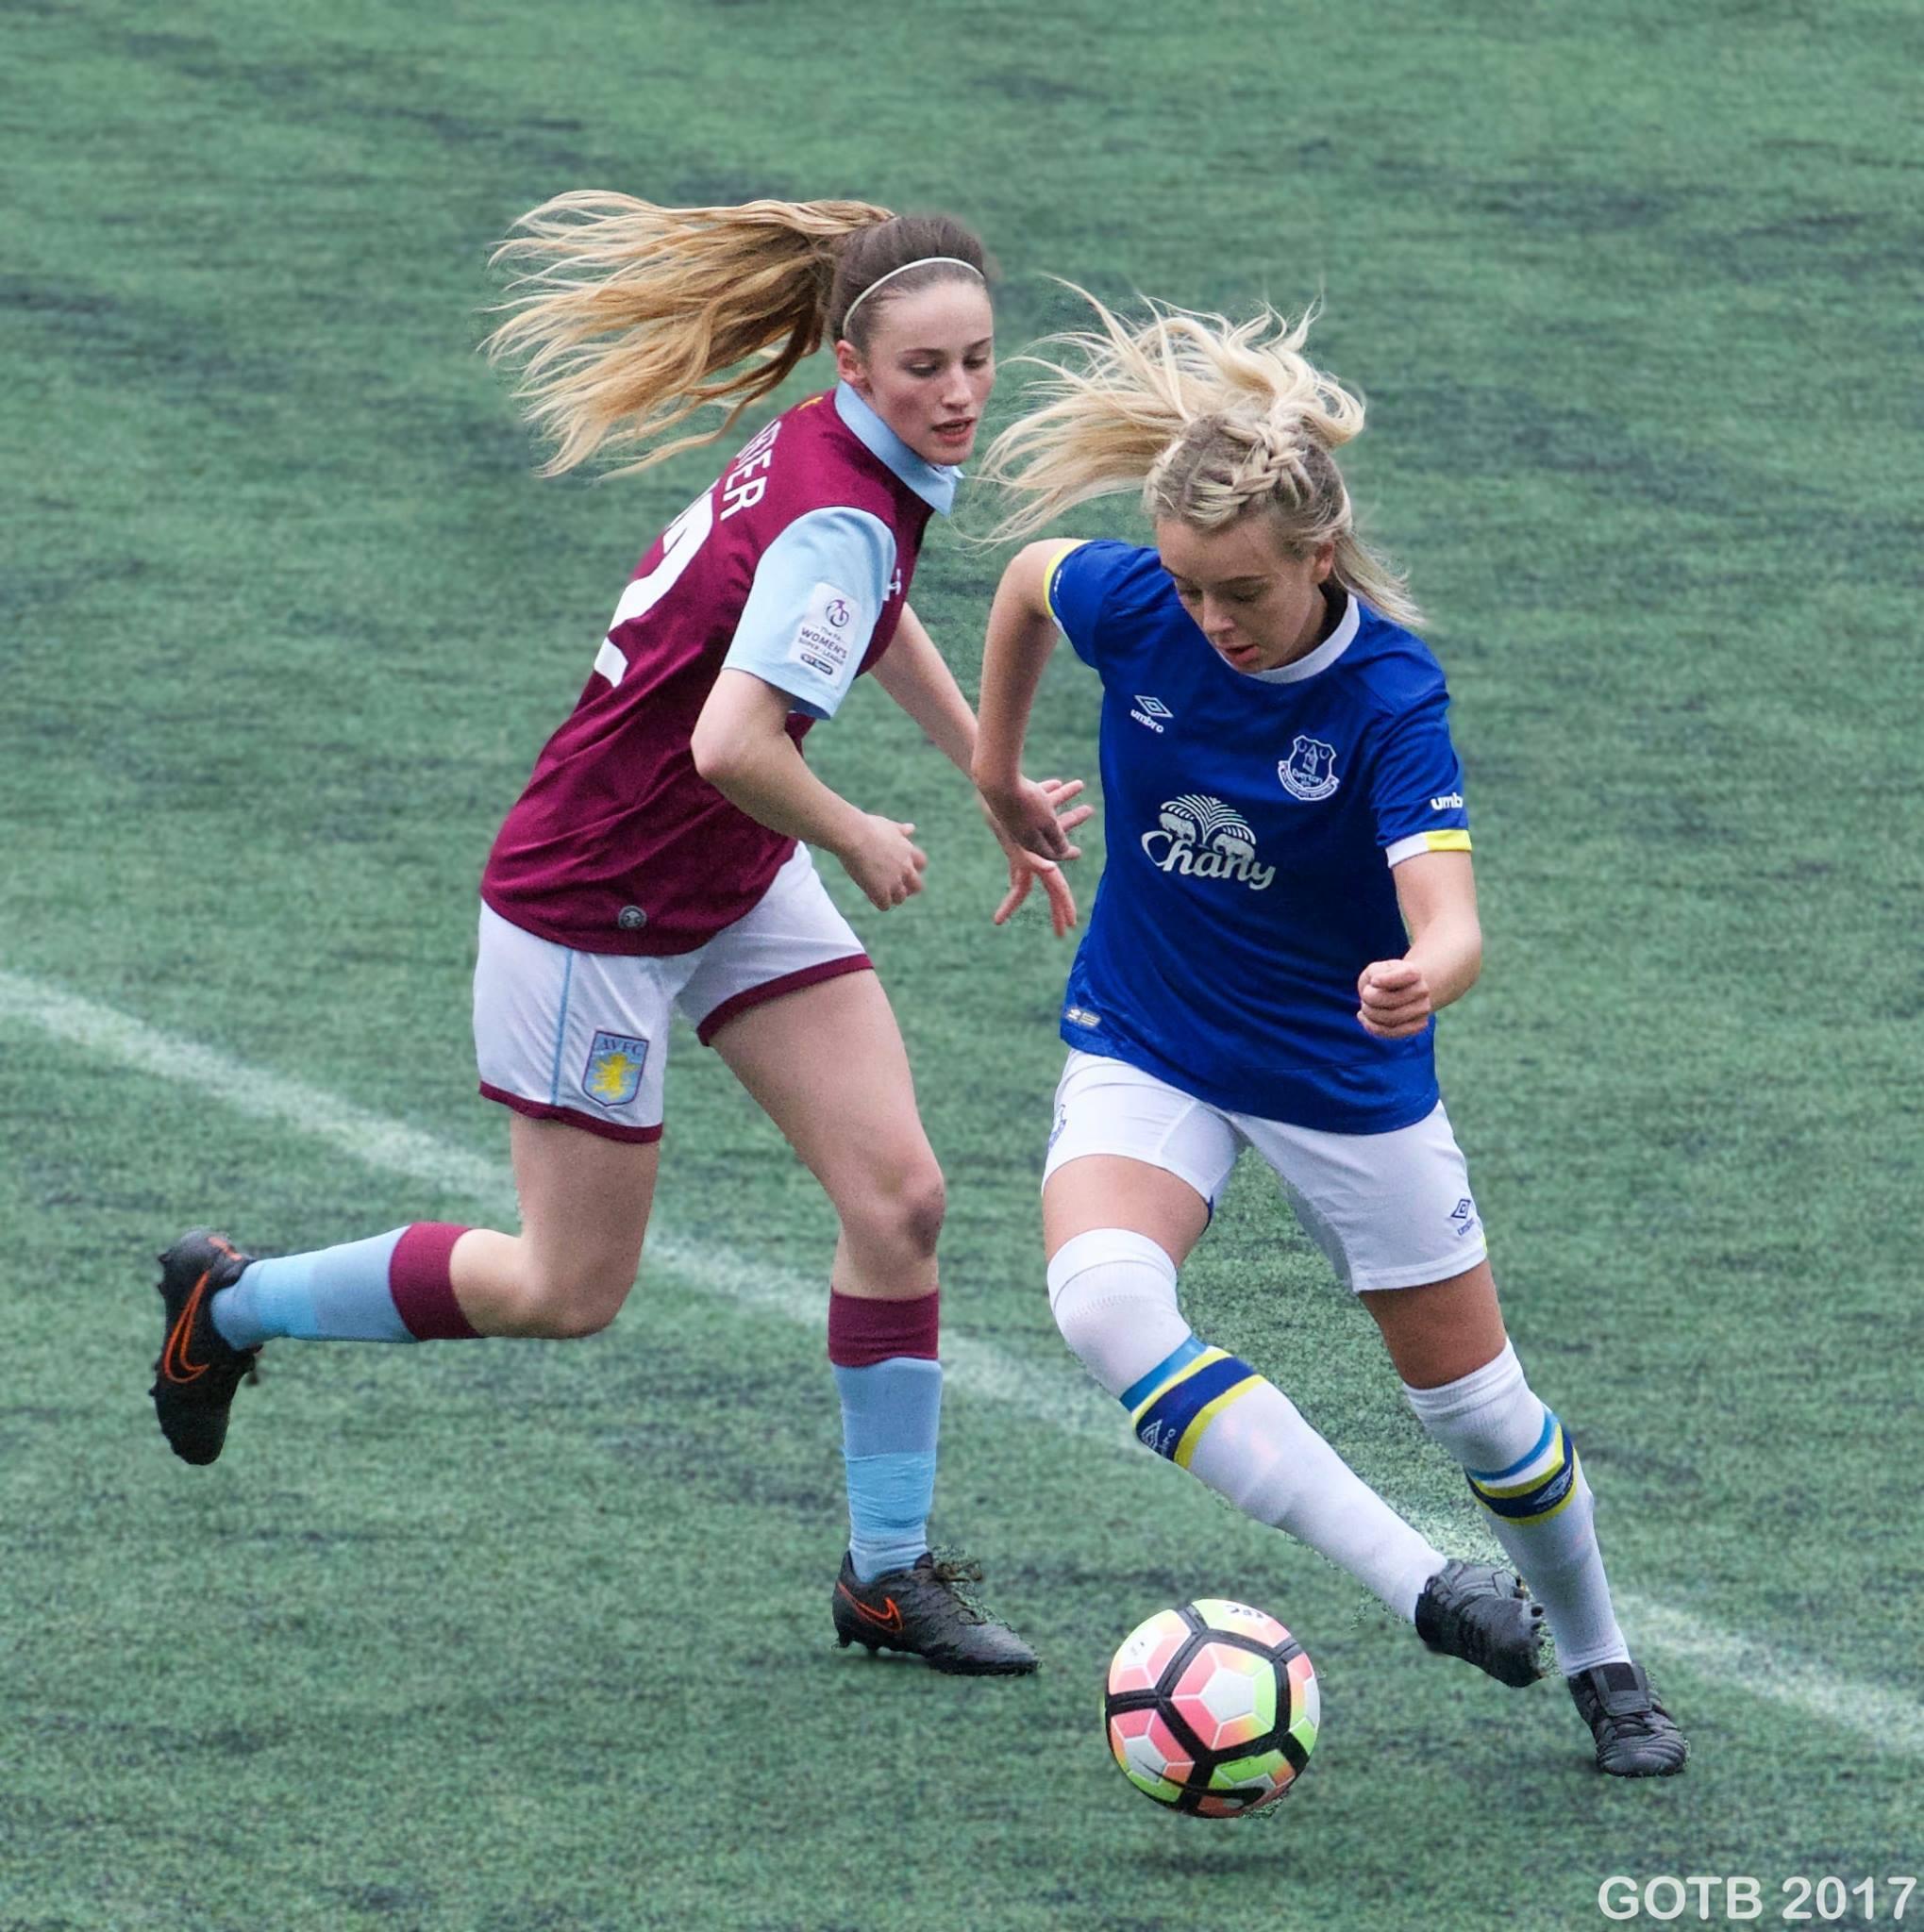 Everton v Aston Villa, FAWSL 2